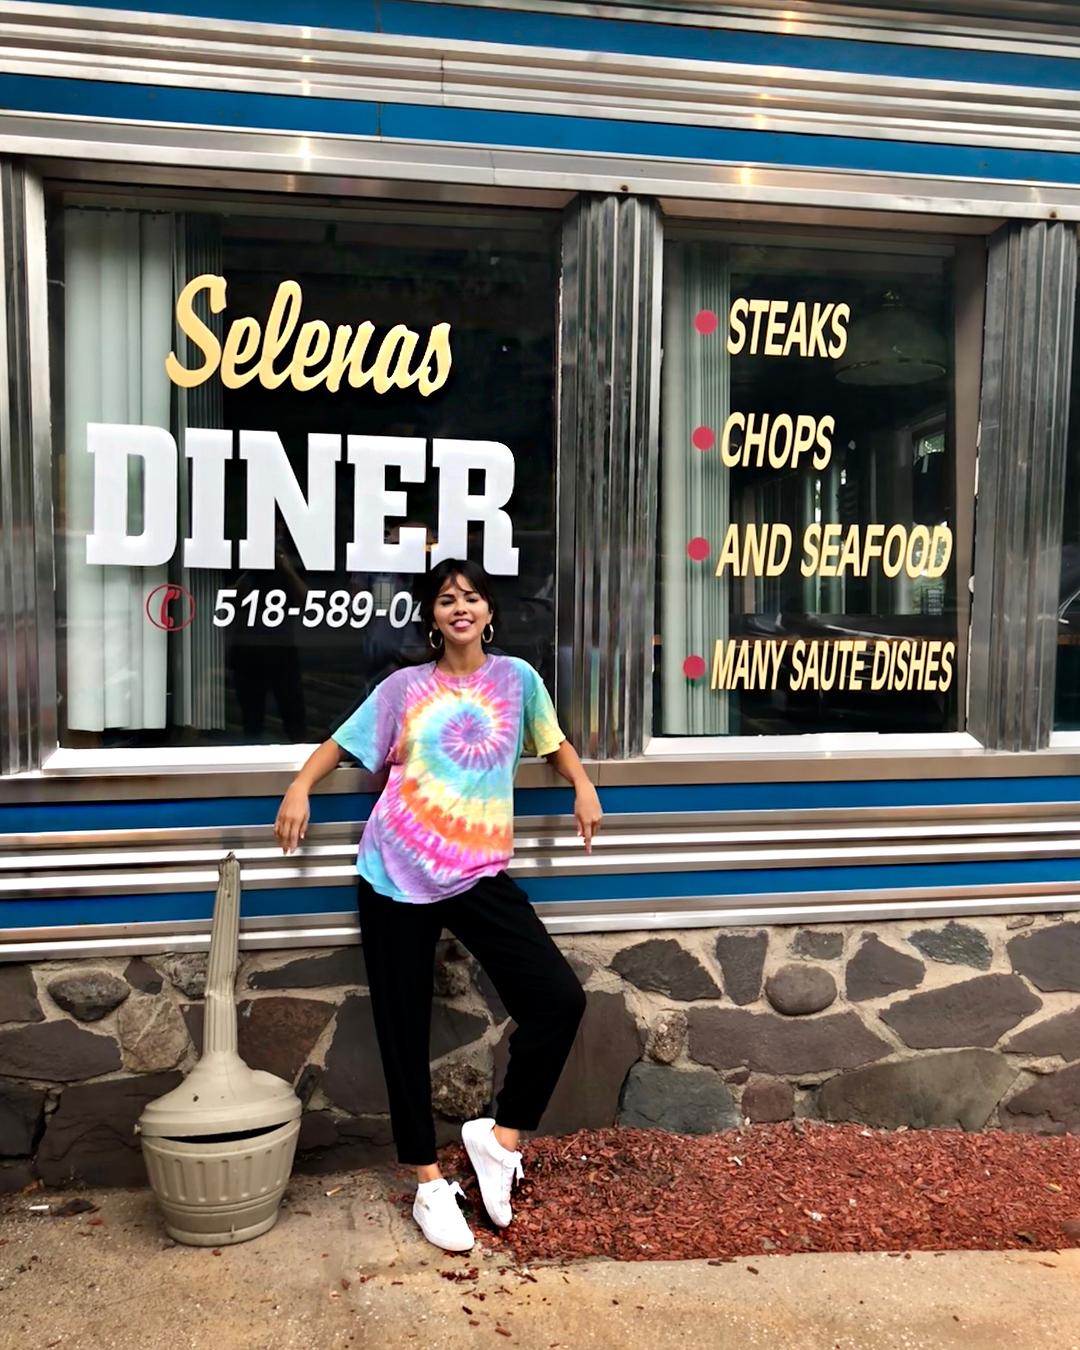 selena gomez mặc áo thun nhuộm tie dye cùng quần jeans đen dài